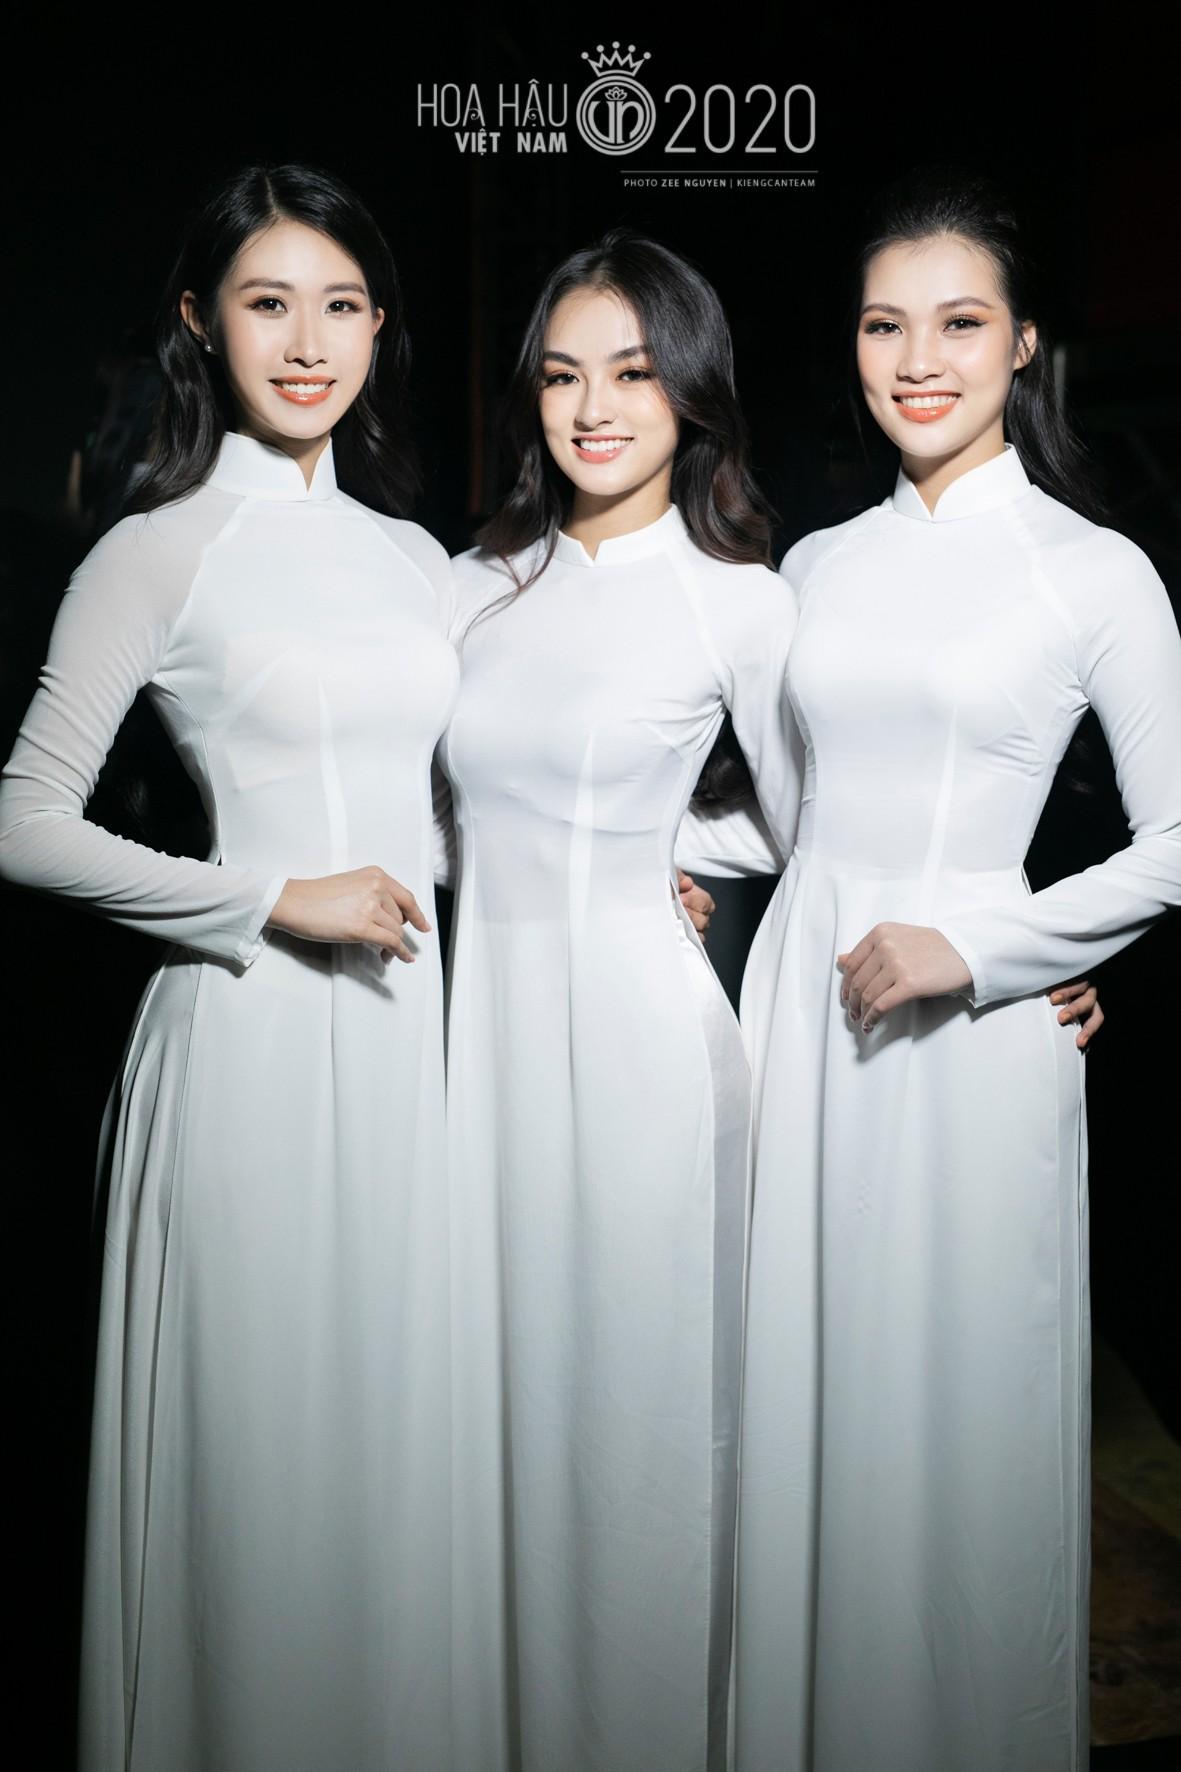 Hé lộ loạt ảnh hậu trường chung kết xinh đẹp của Hoa hậu Đỗ Thị Hà và các thí sinh ảnh 8